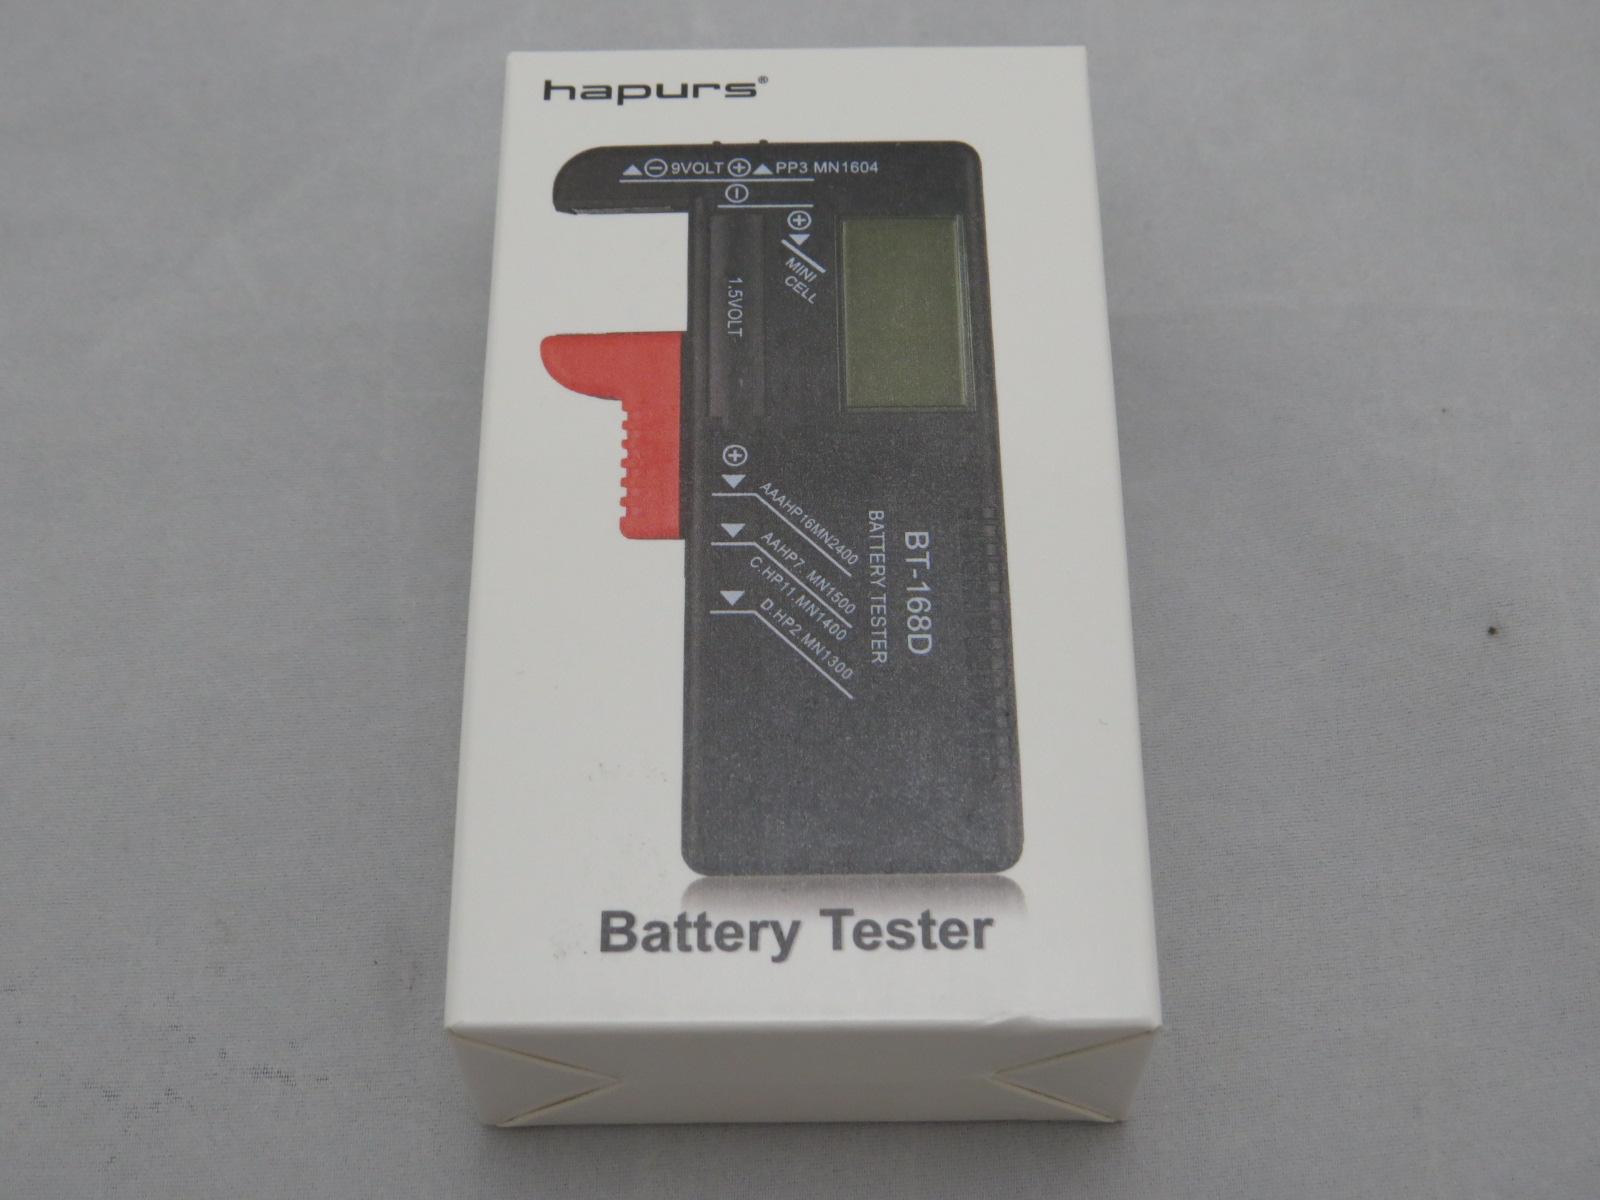 Hapurs(BT-168D) バッテリーテスターを購入してみた。